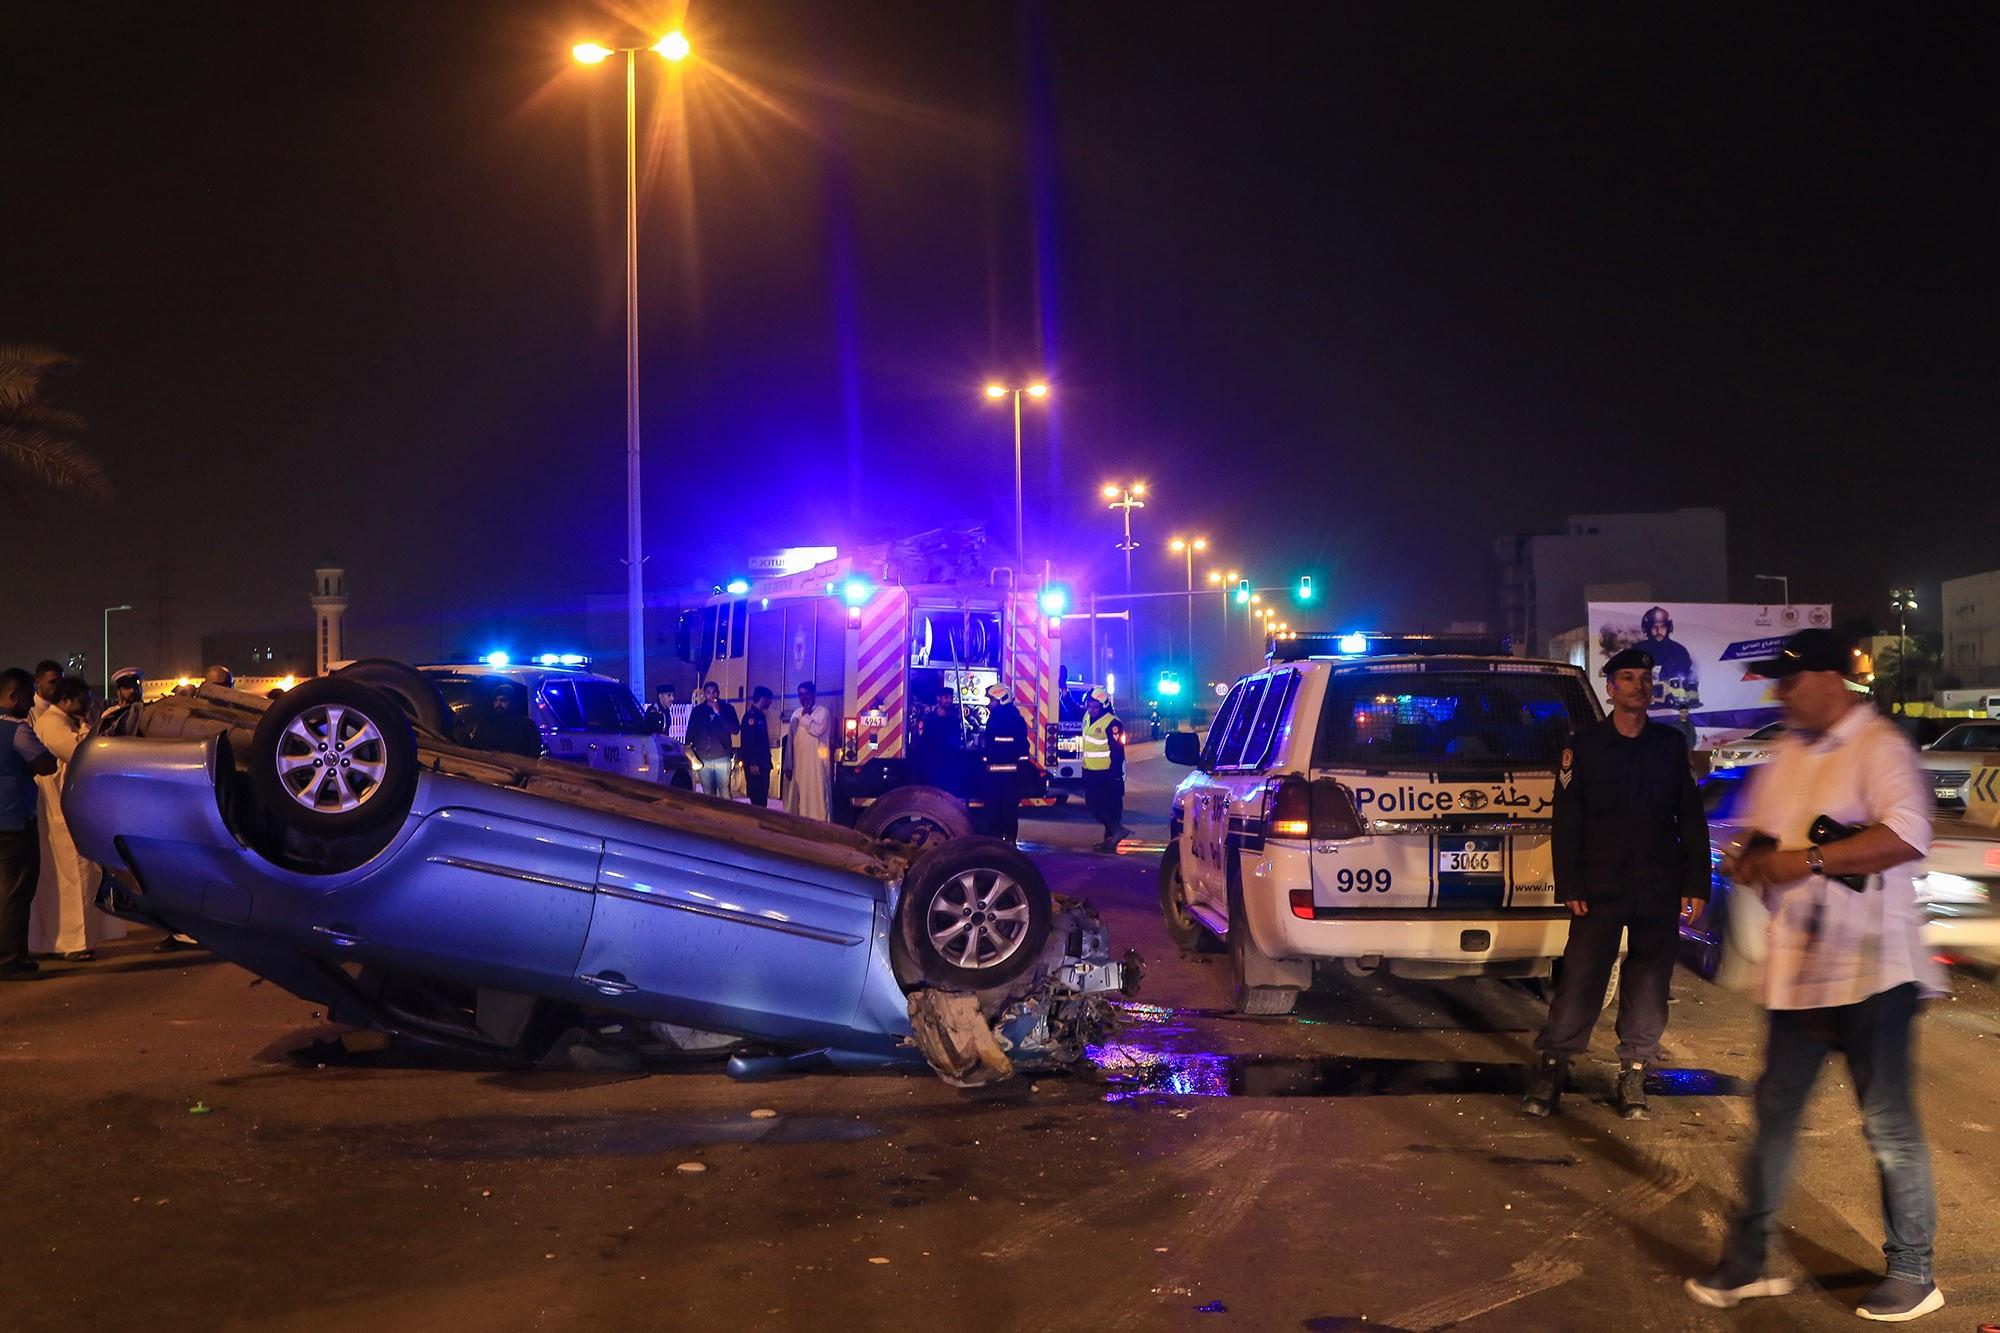 بالصور : وفاة شاب بحريني في حادث مروري بليغ على شارع الشيخ جابر الأحمد الصباح